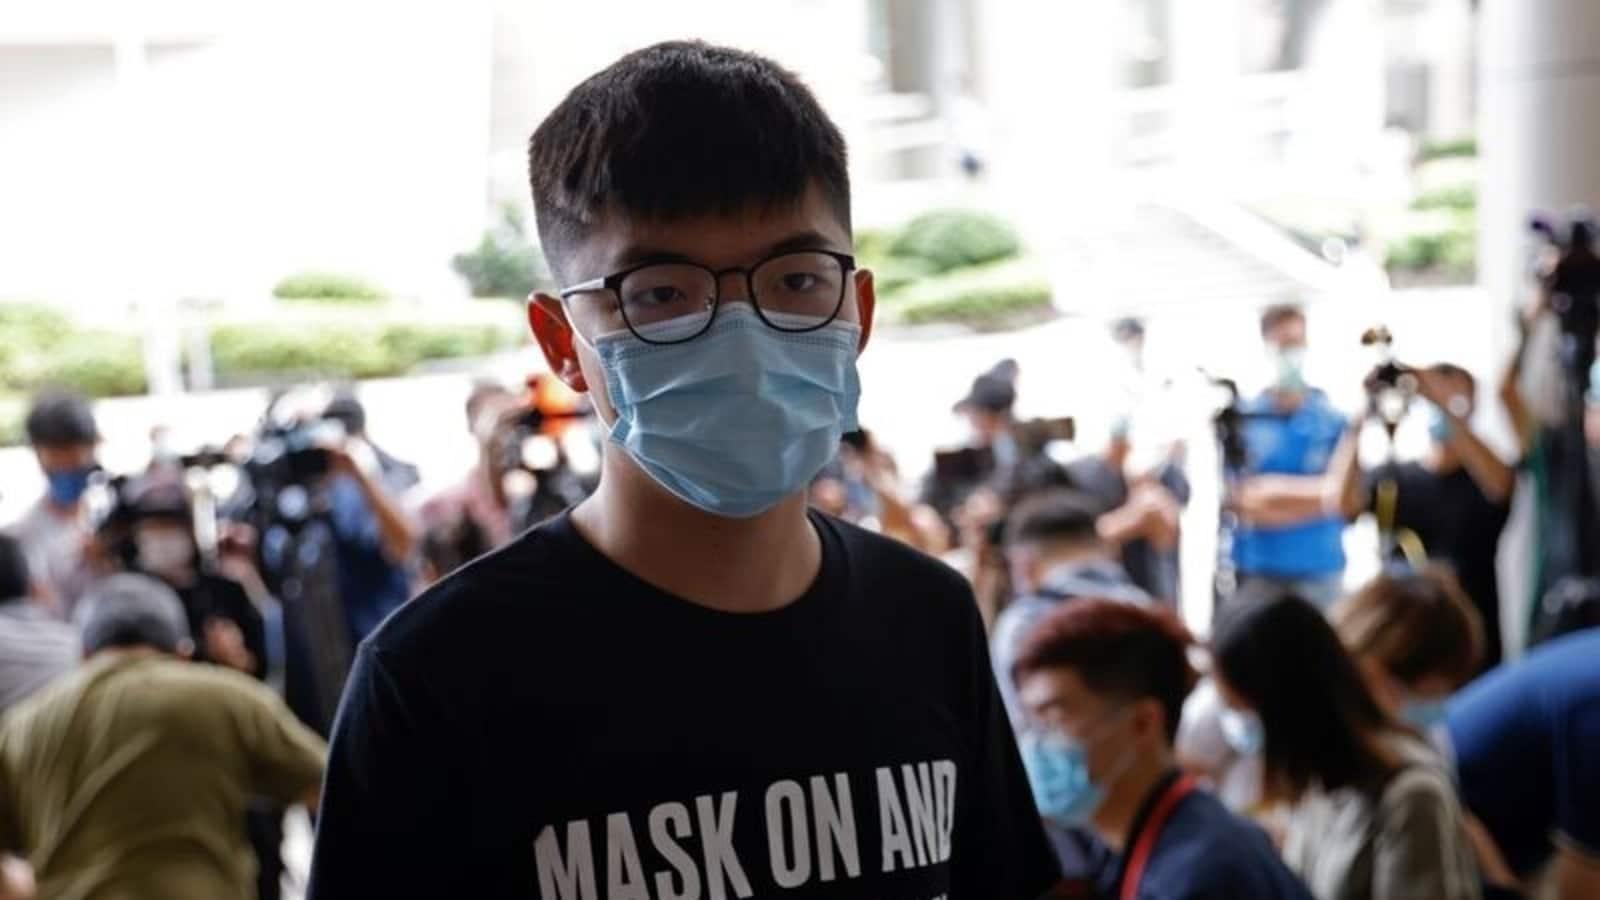 Hong Kong activist Joshua Wong jailed over 'unlawful' Tiananmen Square vigil